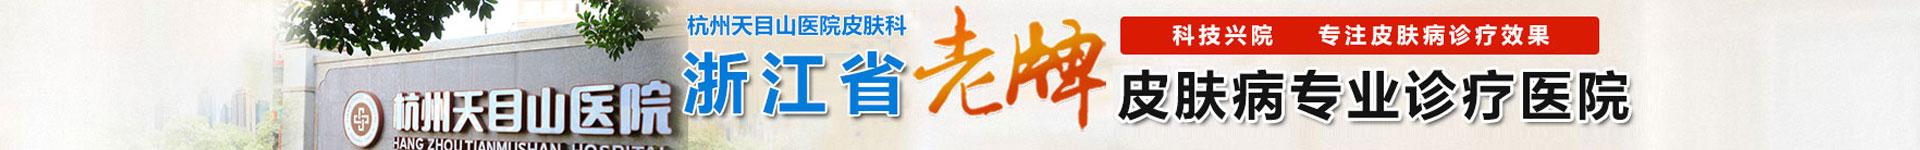 杭州天目山医院